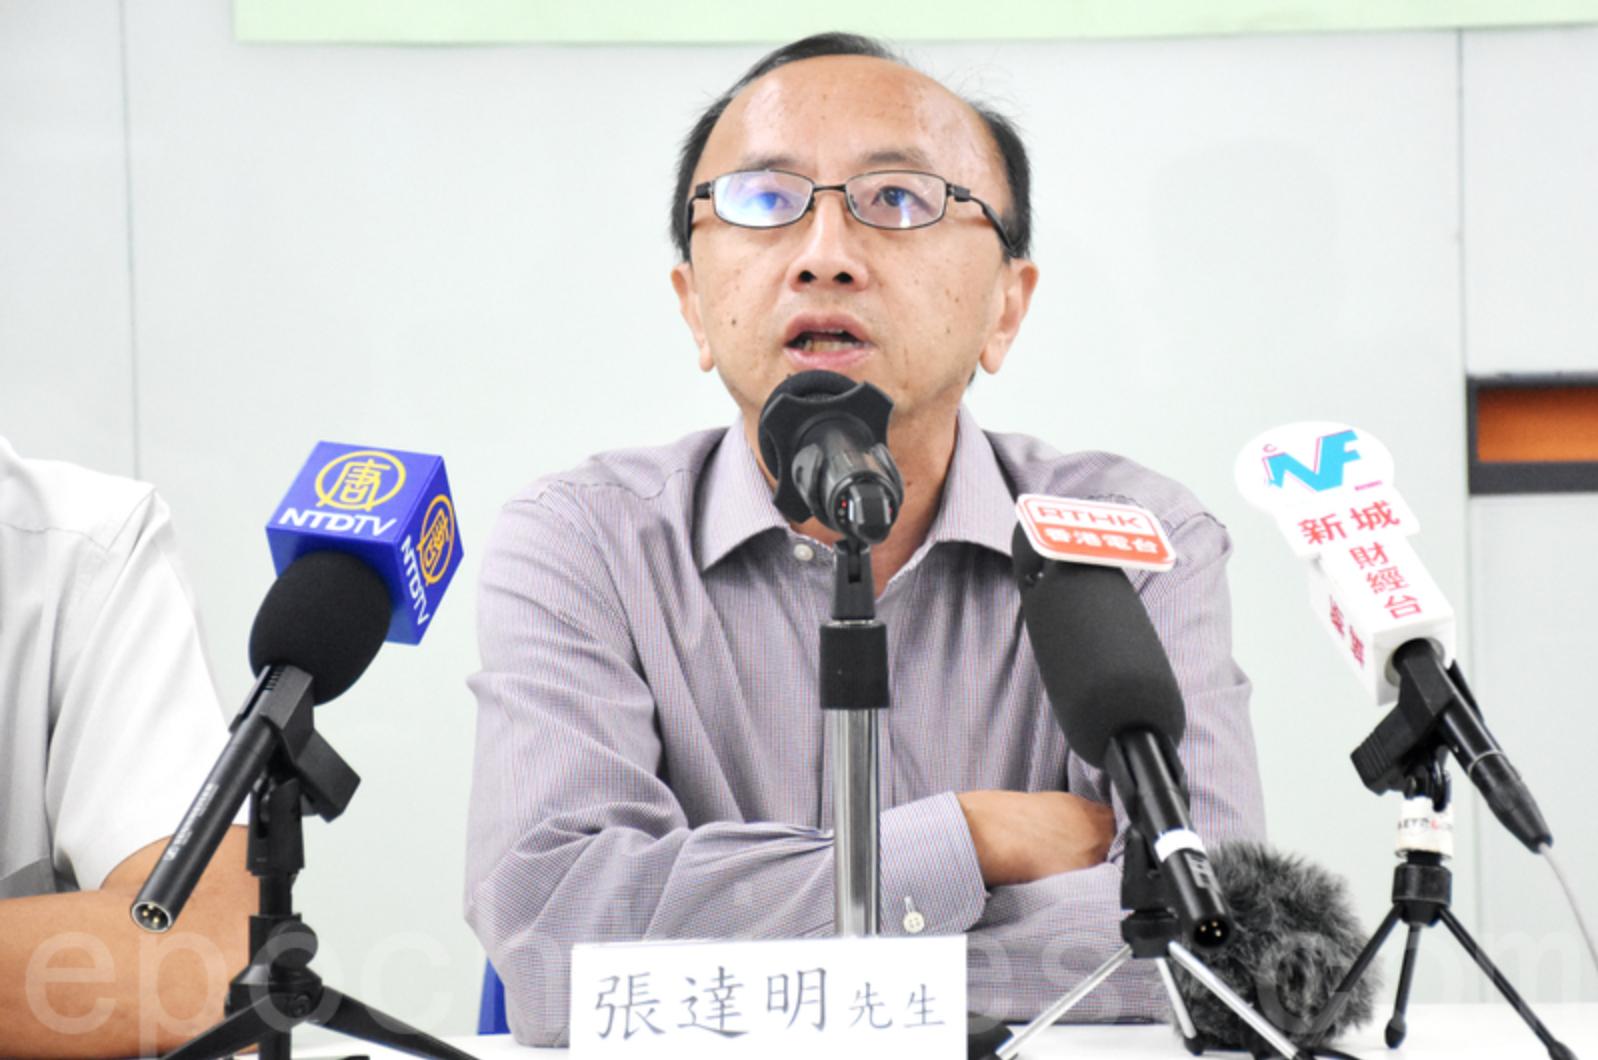 香港親共媒體連日刊文批評《蘋果日報》報道煽動仇恨,促請當局立法打擊「假新聞」等,香港大學法律學院首席講師張達明19日在電台節目中表示,擔心有關言論是為取締《蘋果》鋪路。資料圖片。(孫明國/大紀元)